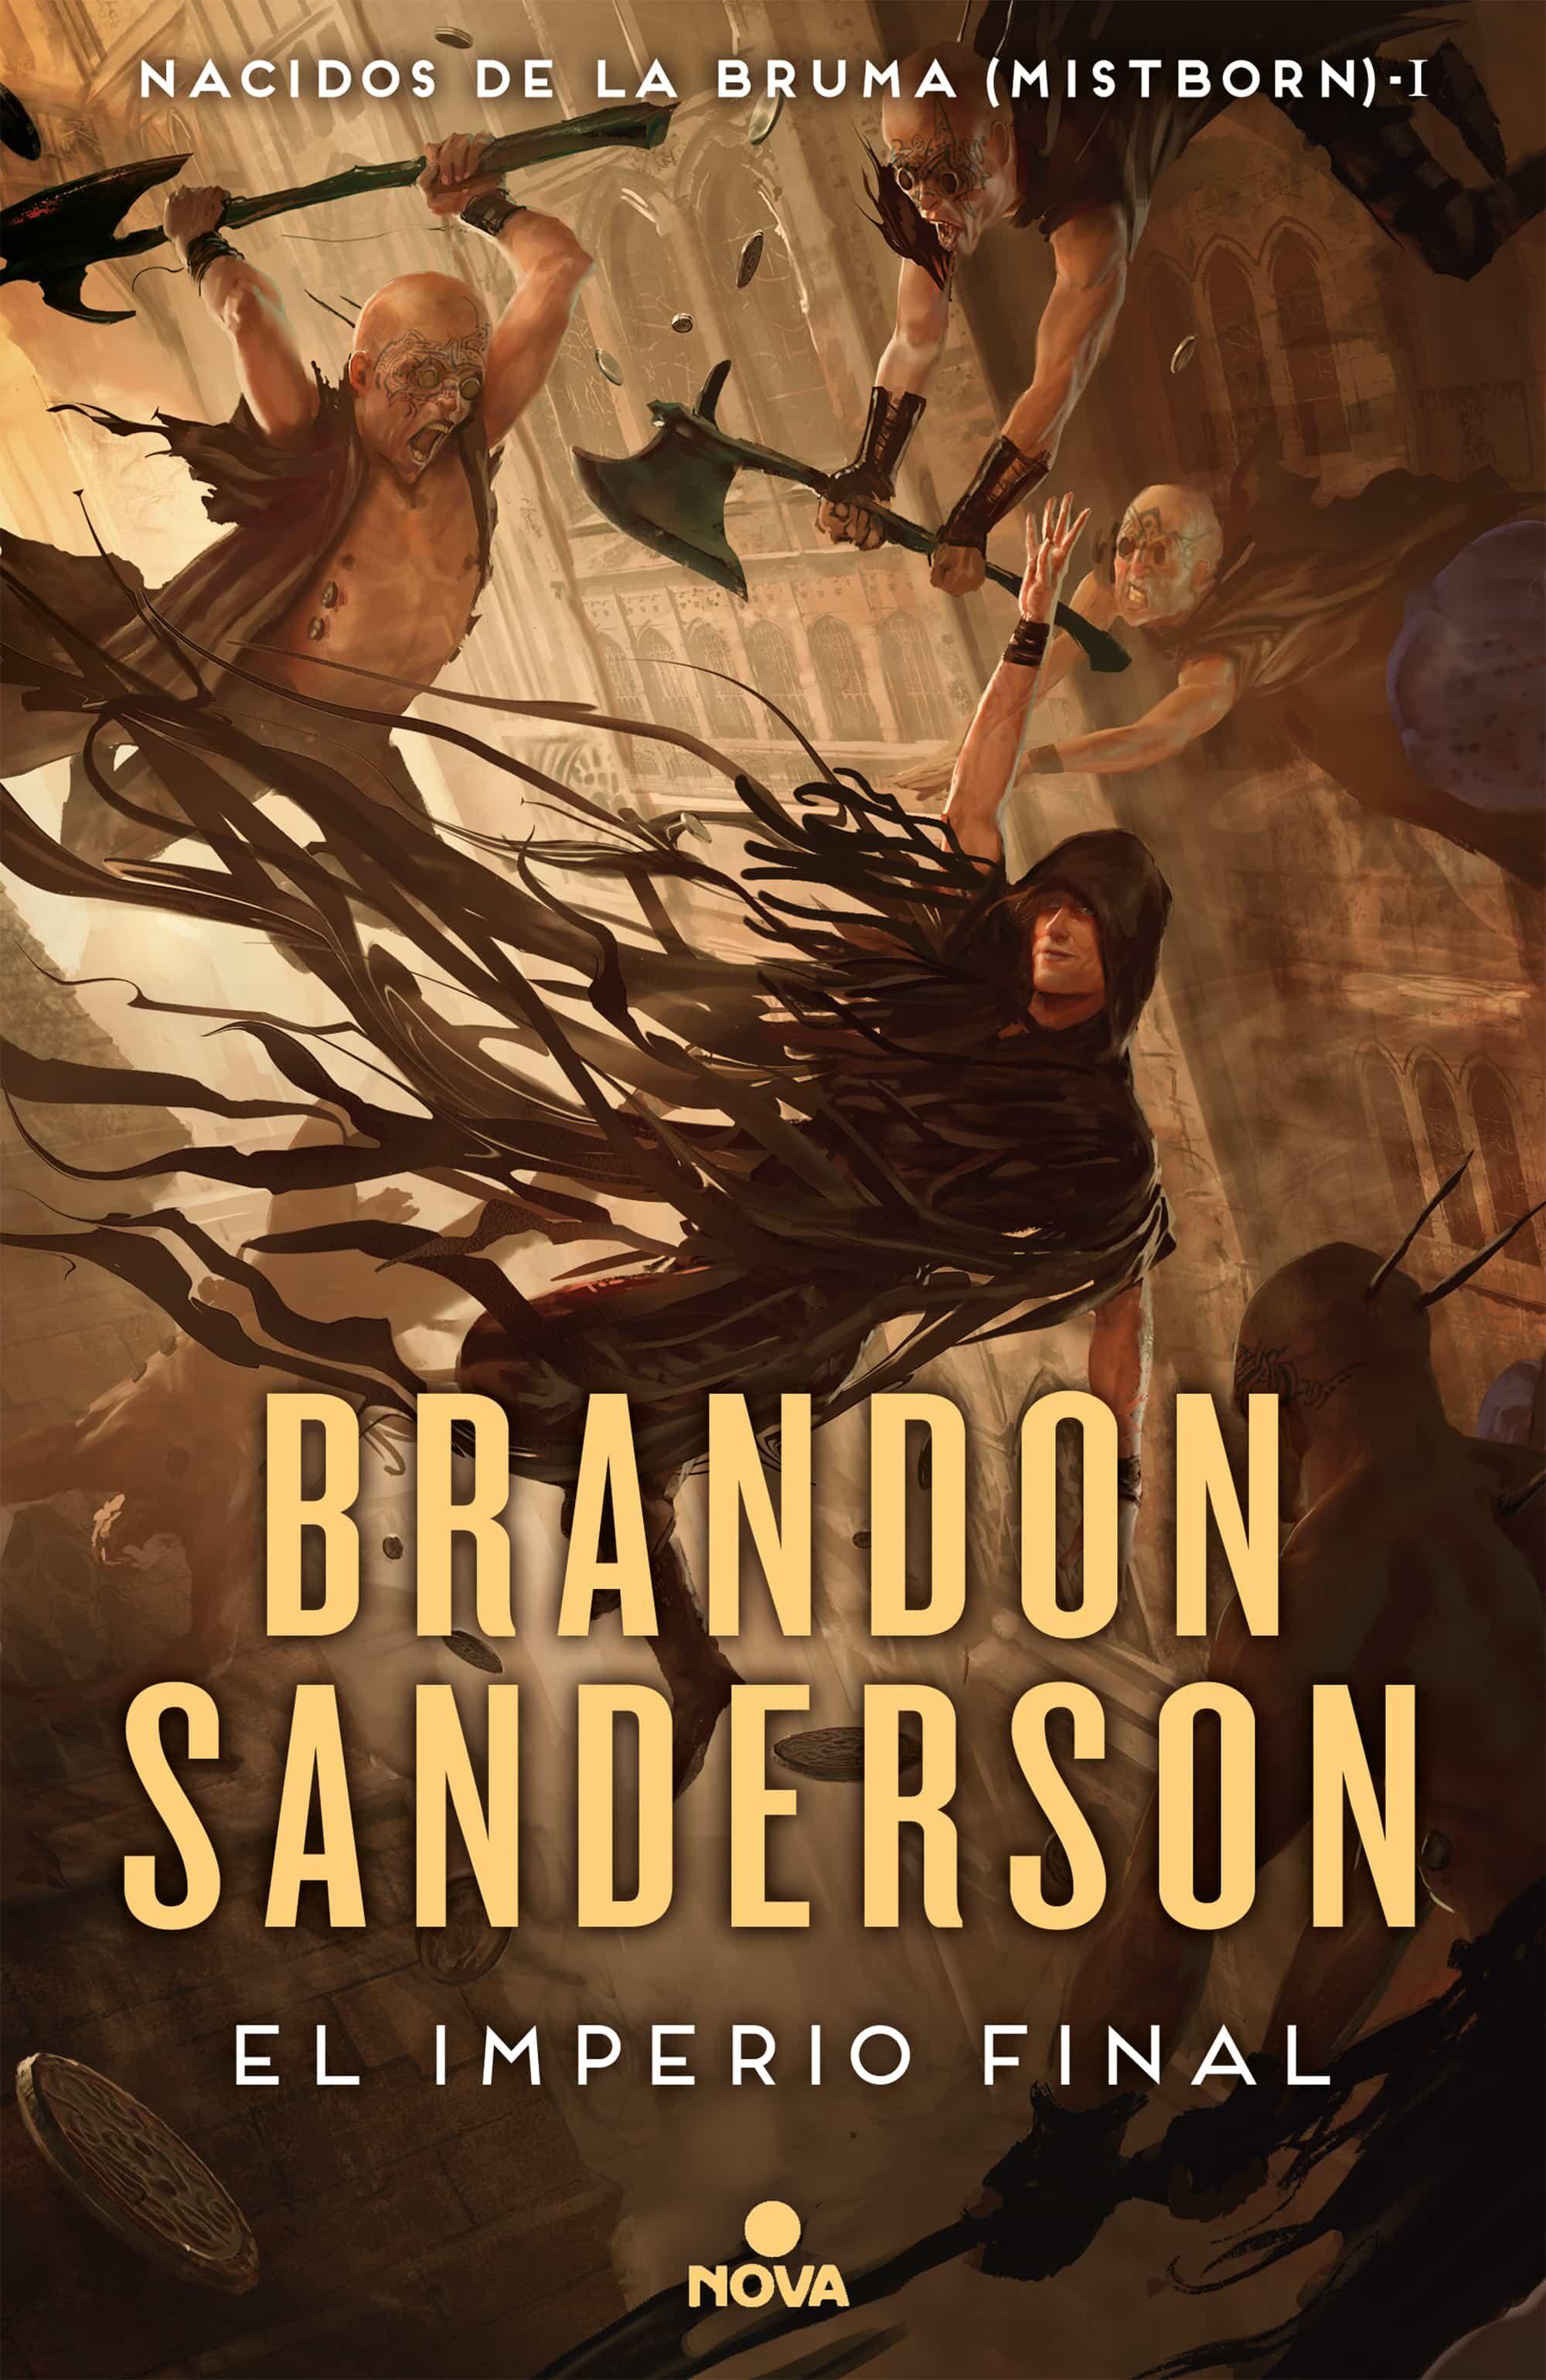 Brandon Sanderson+CD Projekt=Obra maestra